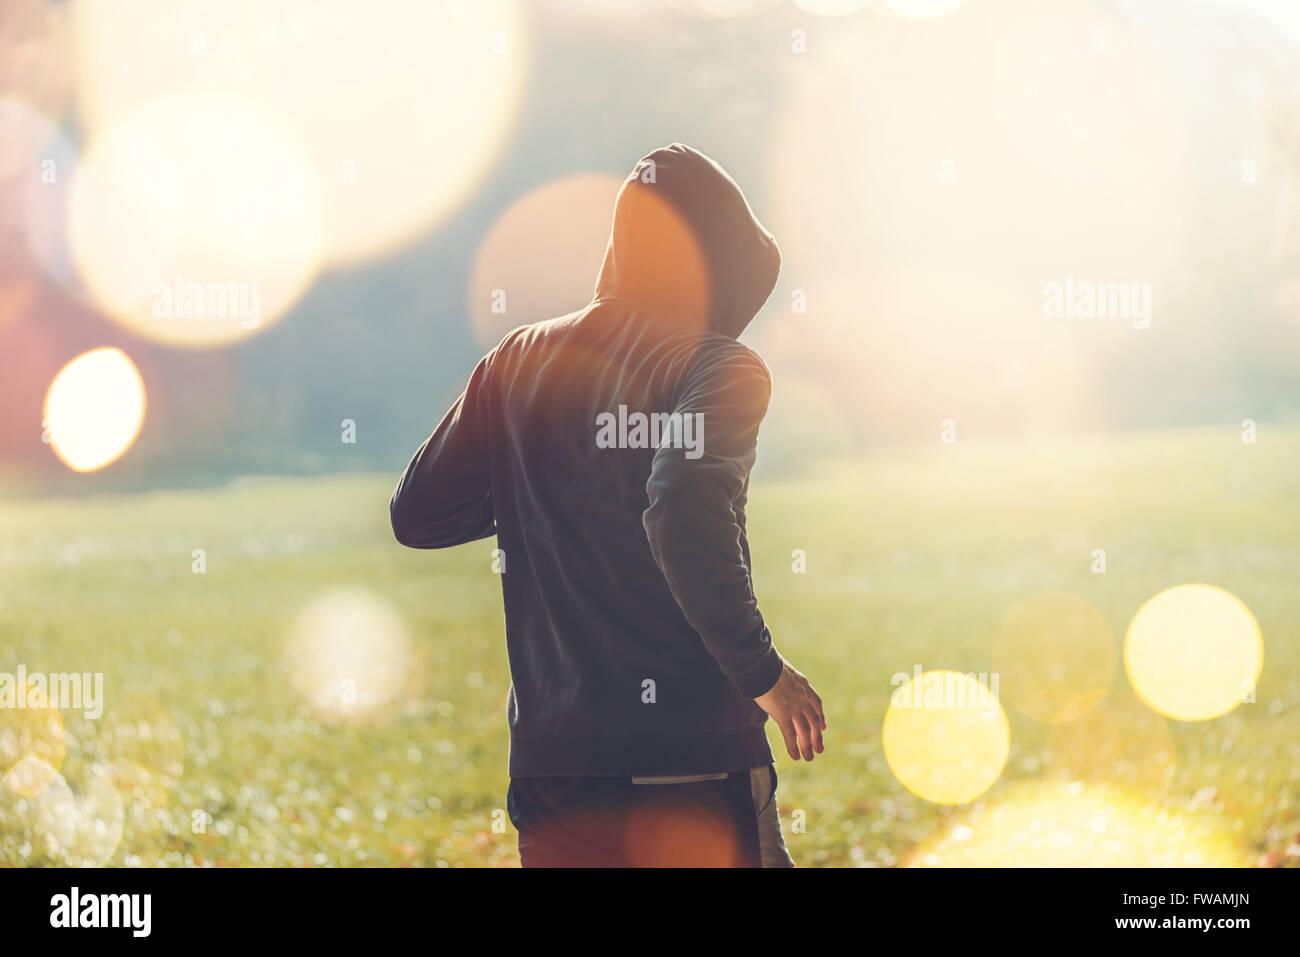 Irreconocible encapuchado trotar al aire libre, vida sana actividad en el parque en otoño temprano por la mañana, Foto de stock